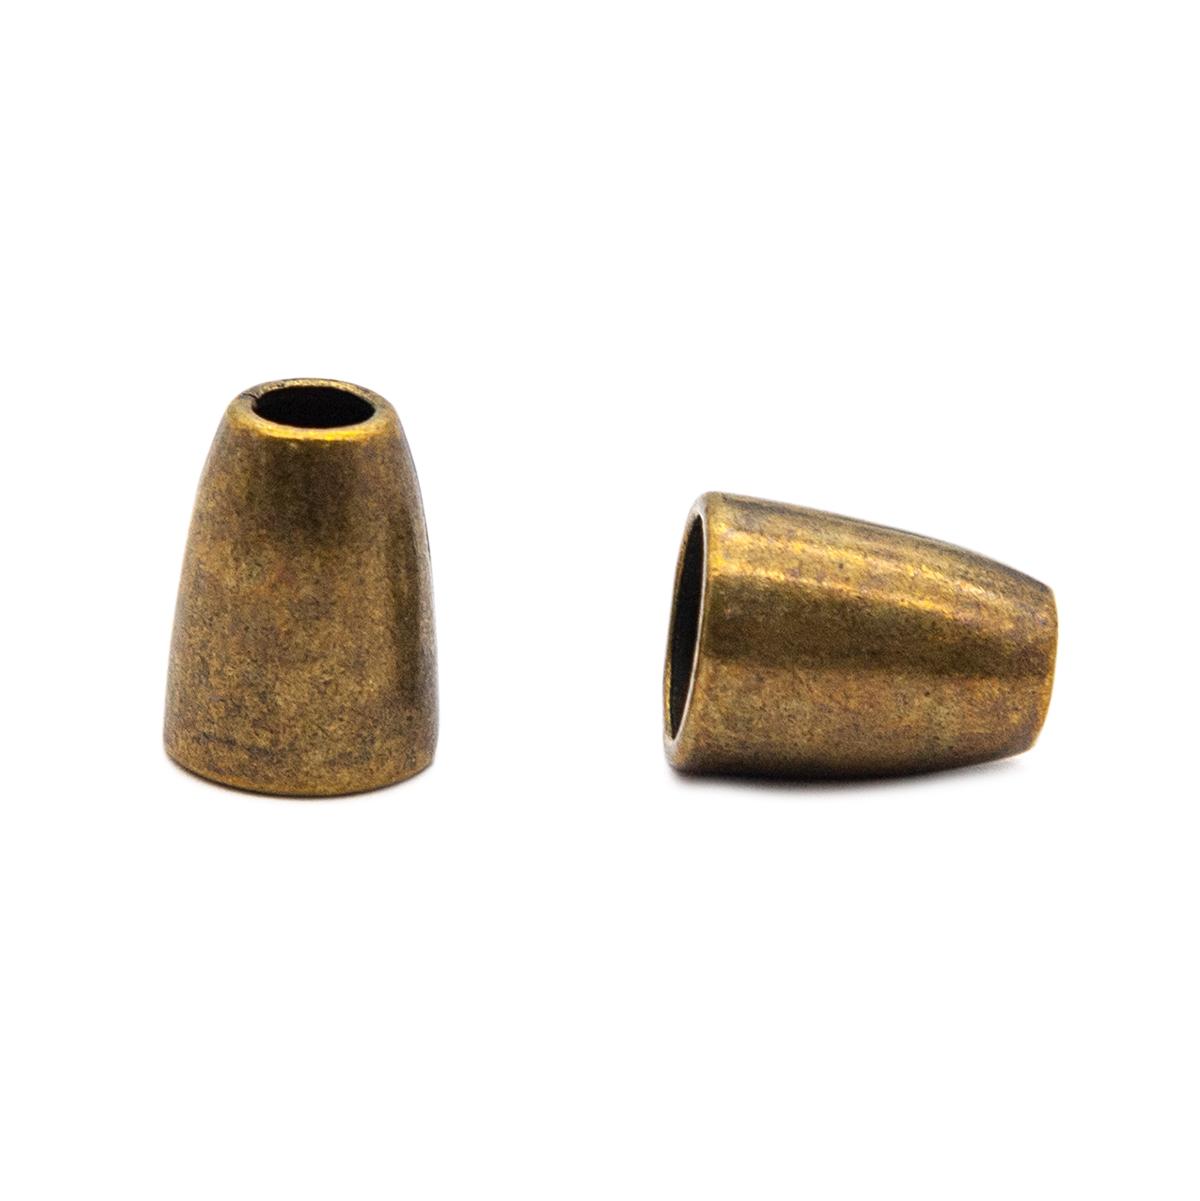 0305-5018 Наконечник 'Колокол' d=4/8мм, 14*10мм, металл